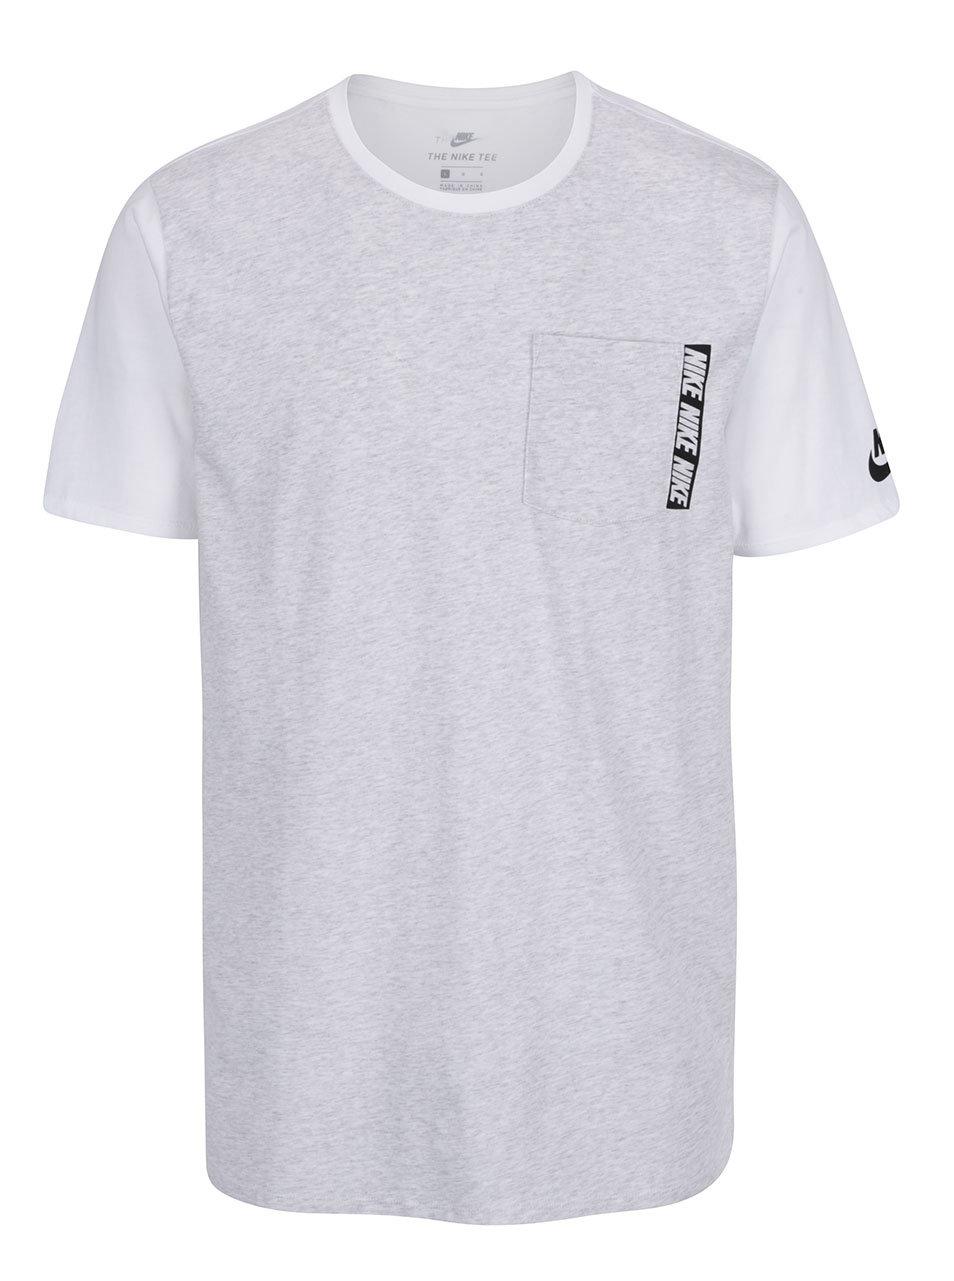 Bílo-šedé pánské dlouhé triko s náprsní kapsou Nike Tee ... 0d09d95a71